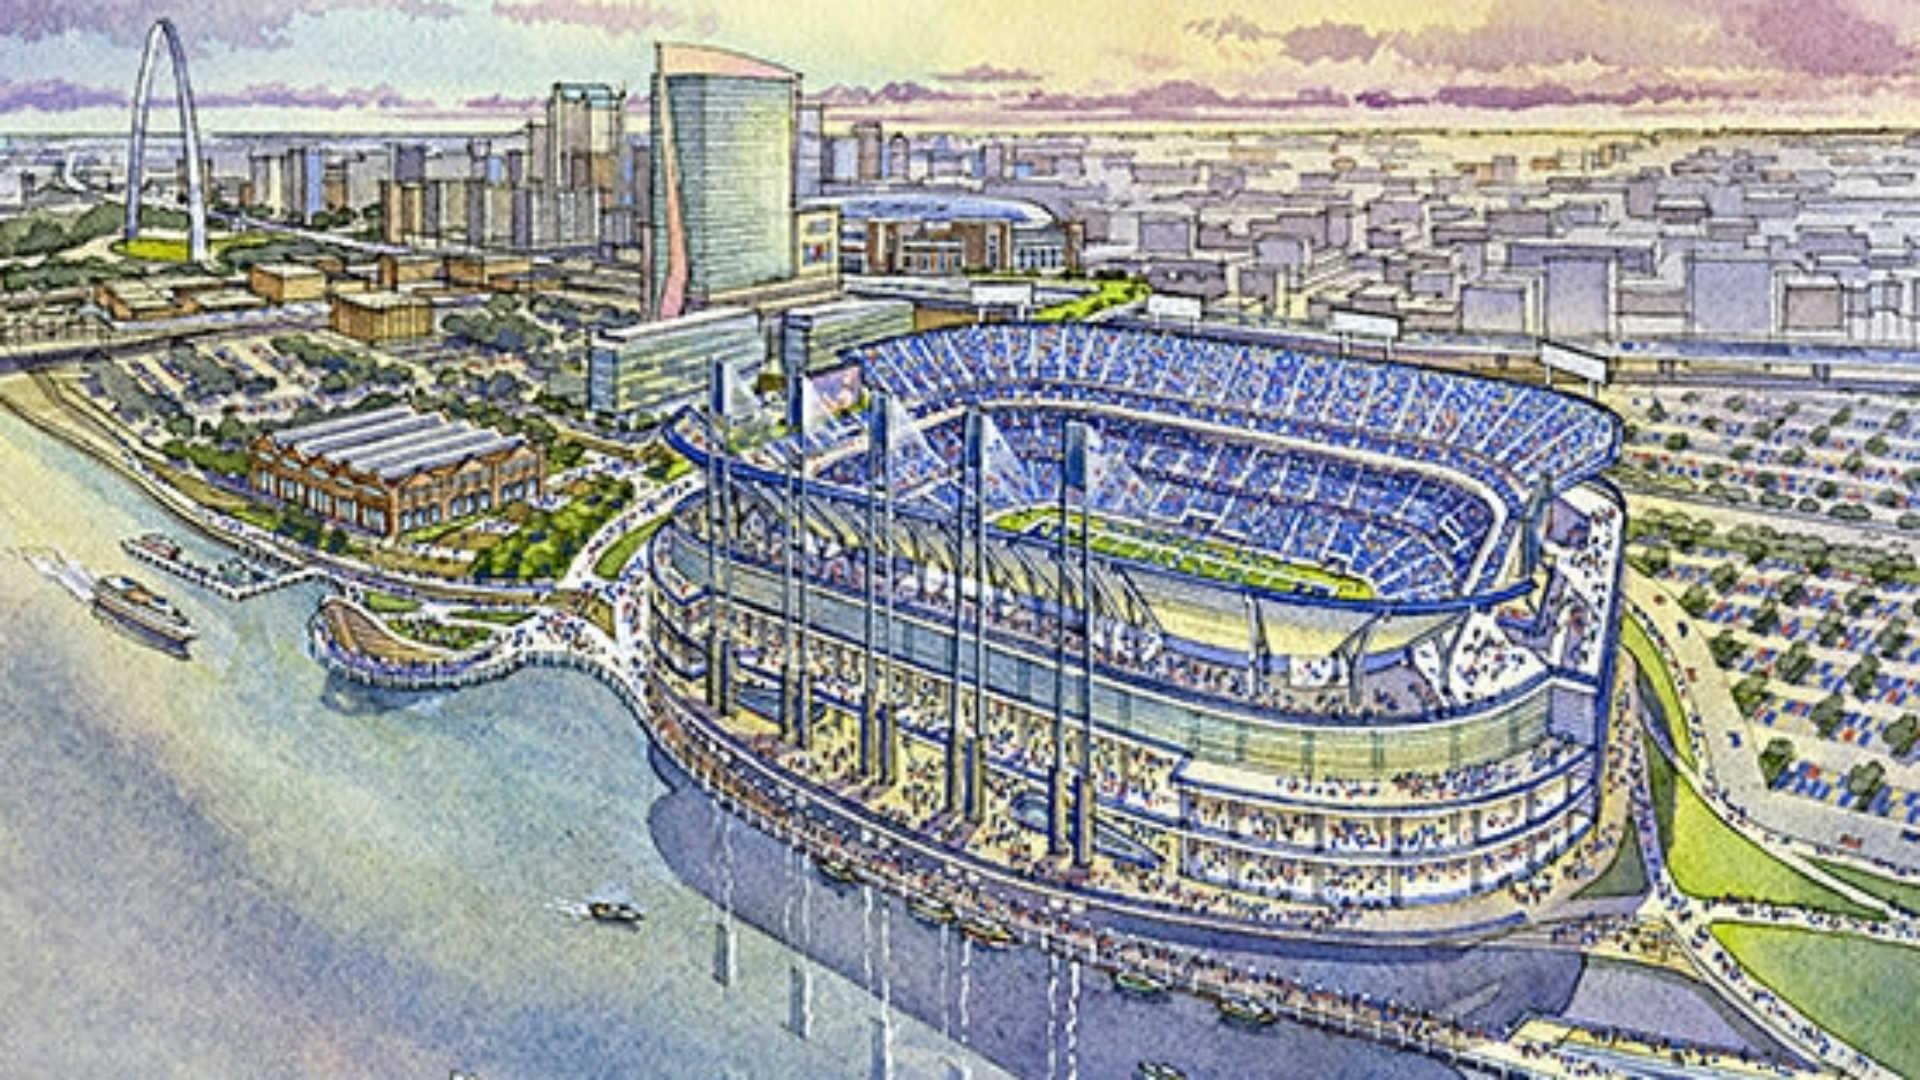 St.Louis-Stadium-010914-HOK-FTR.jpg